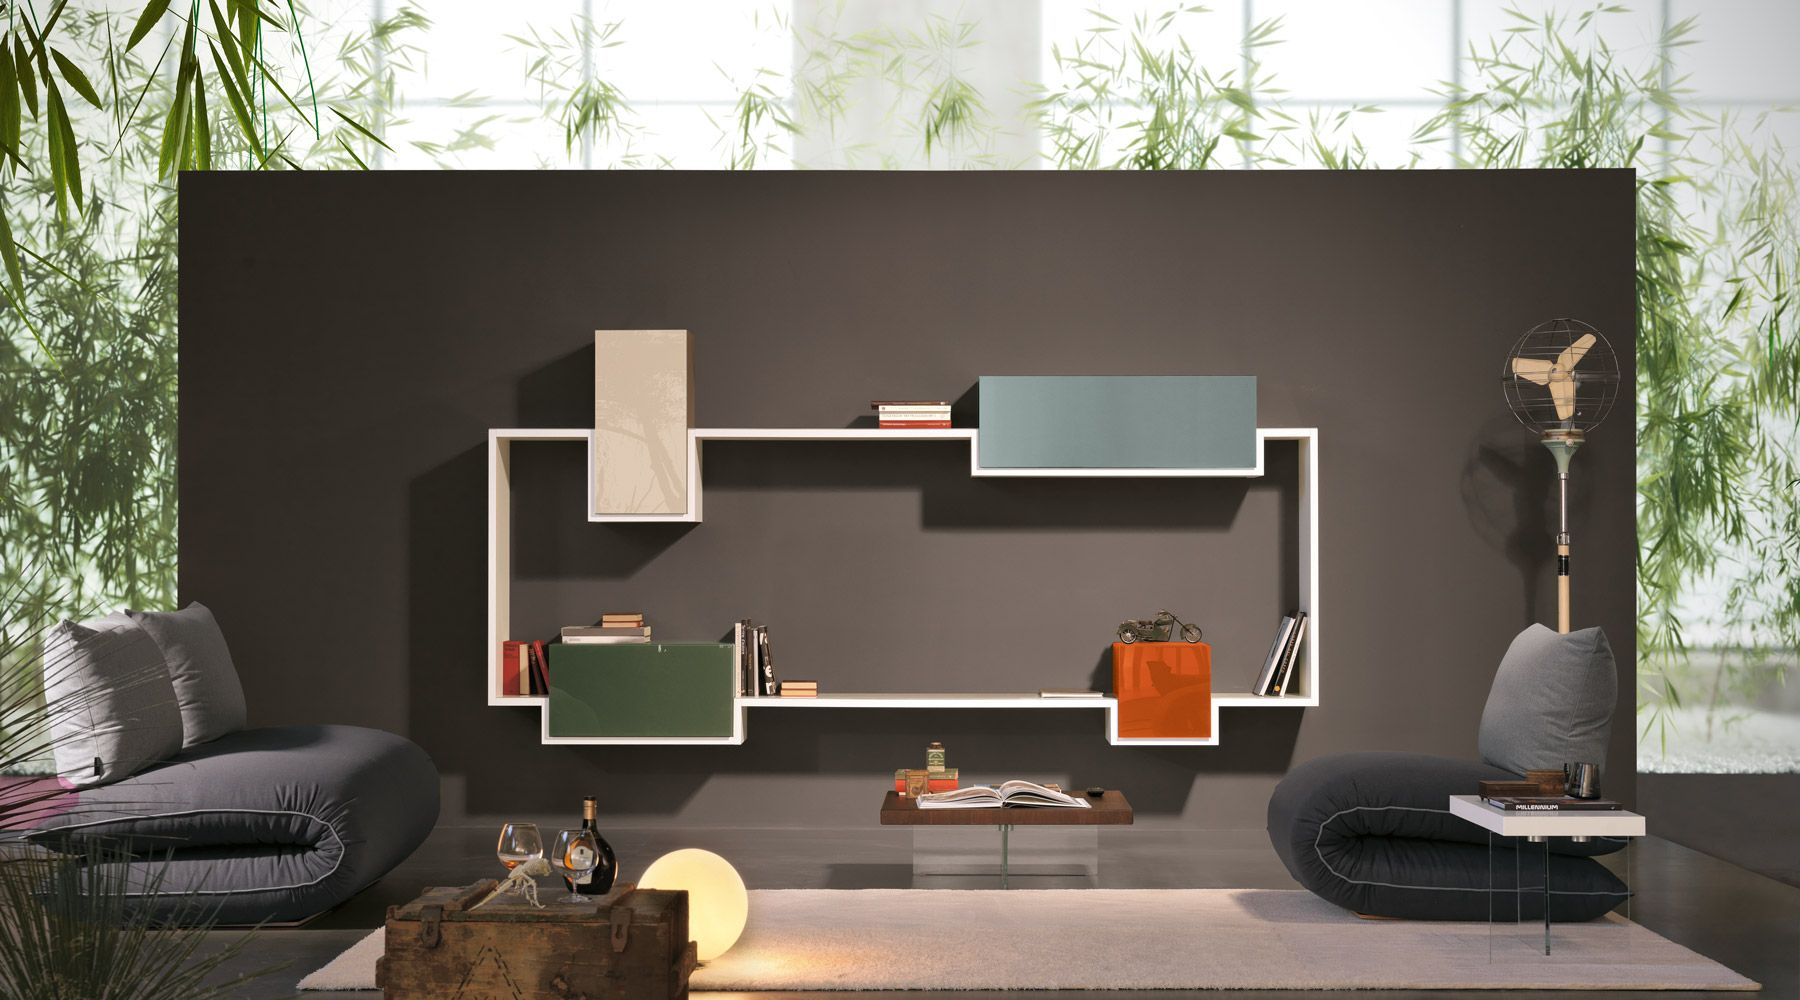 poltrone in un soggiorno di design | Forniture | Pinterest ...